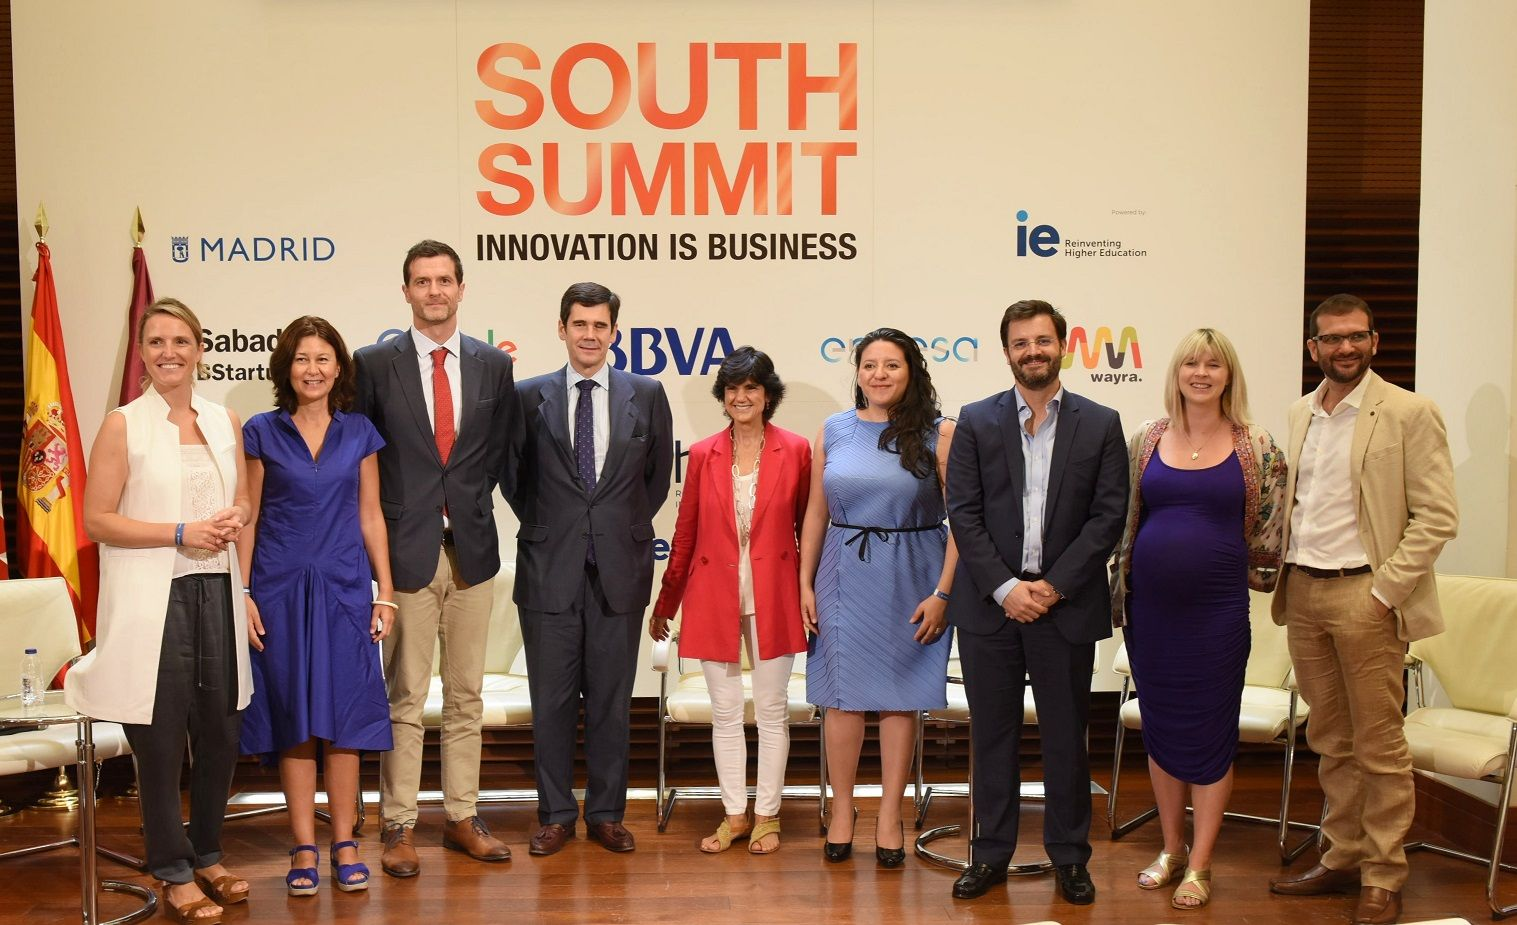 Fotografia Presentación Mapa del Emprendimiento y South Summit 2018